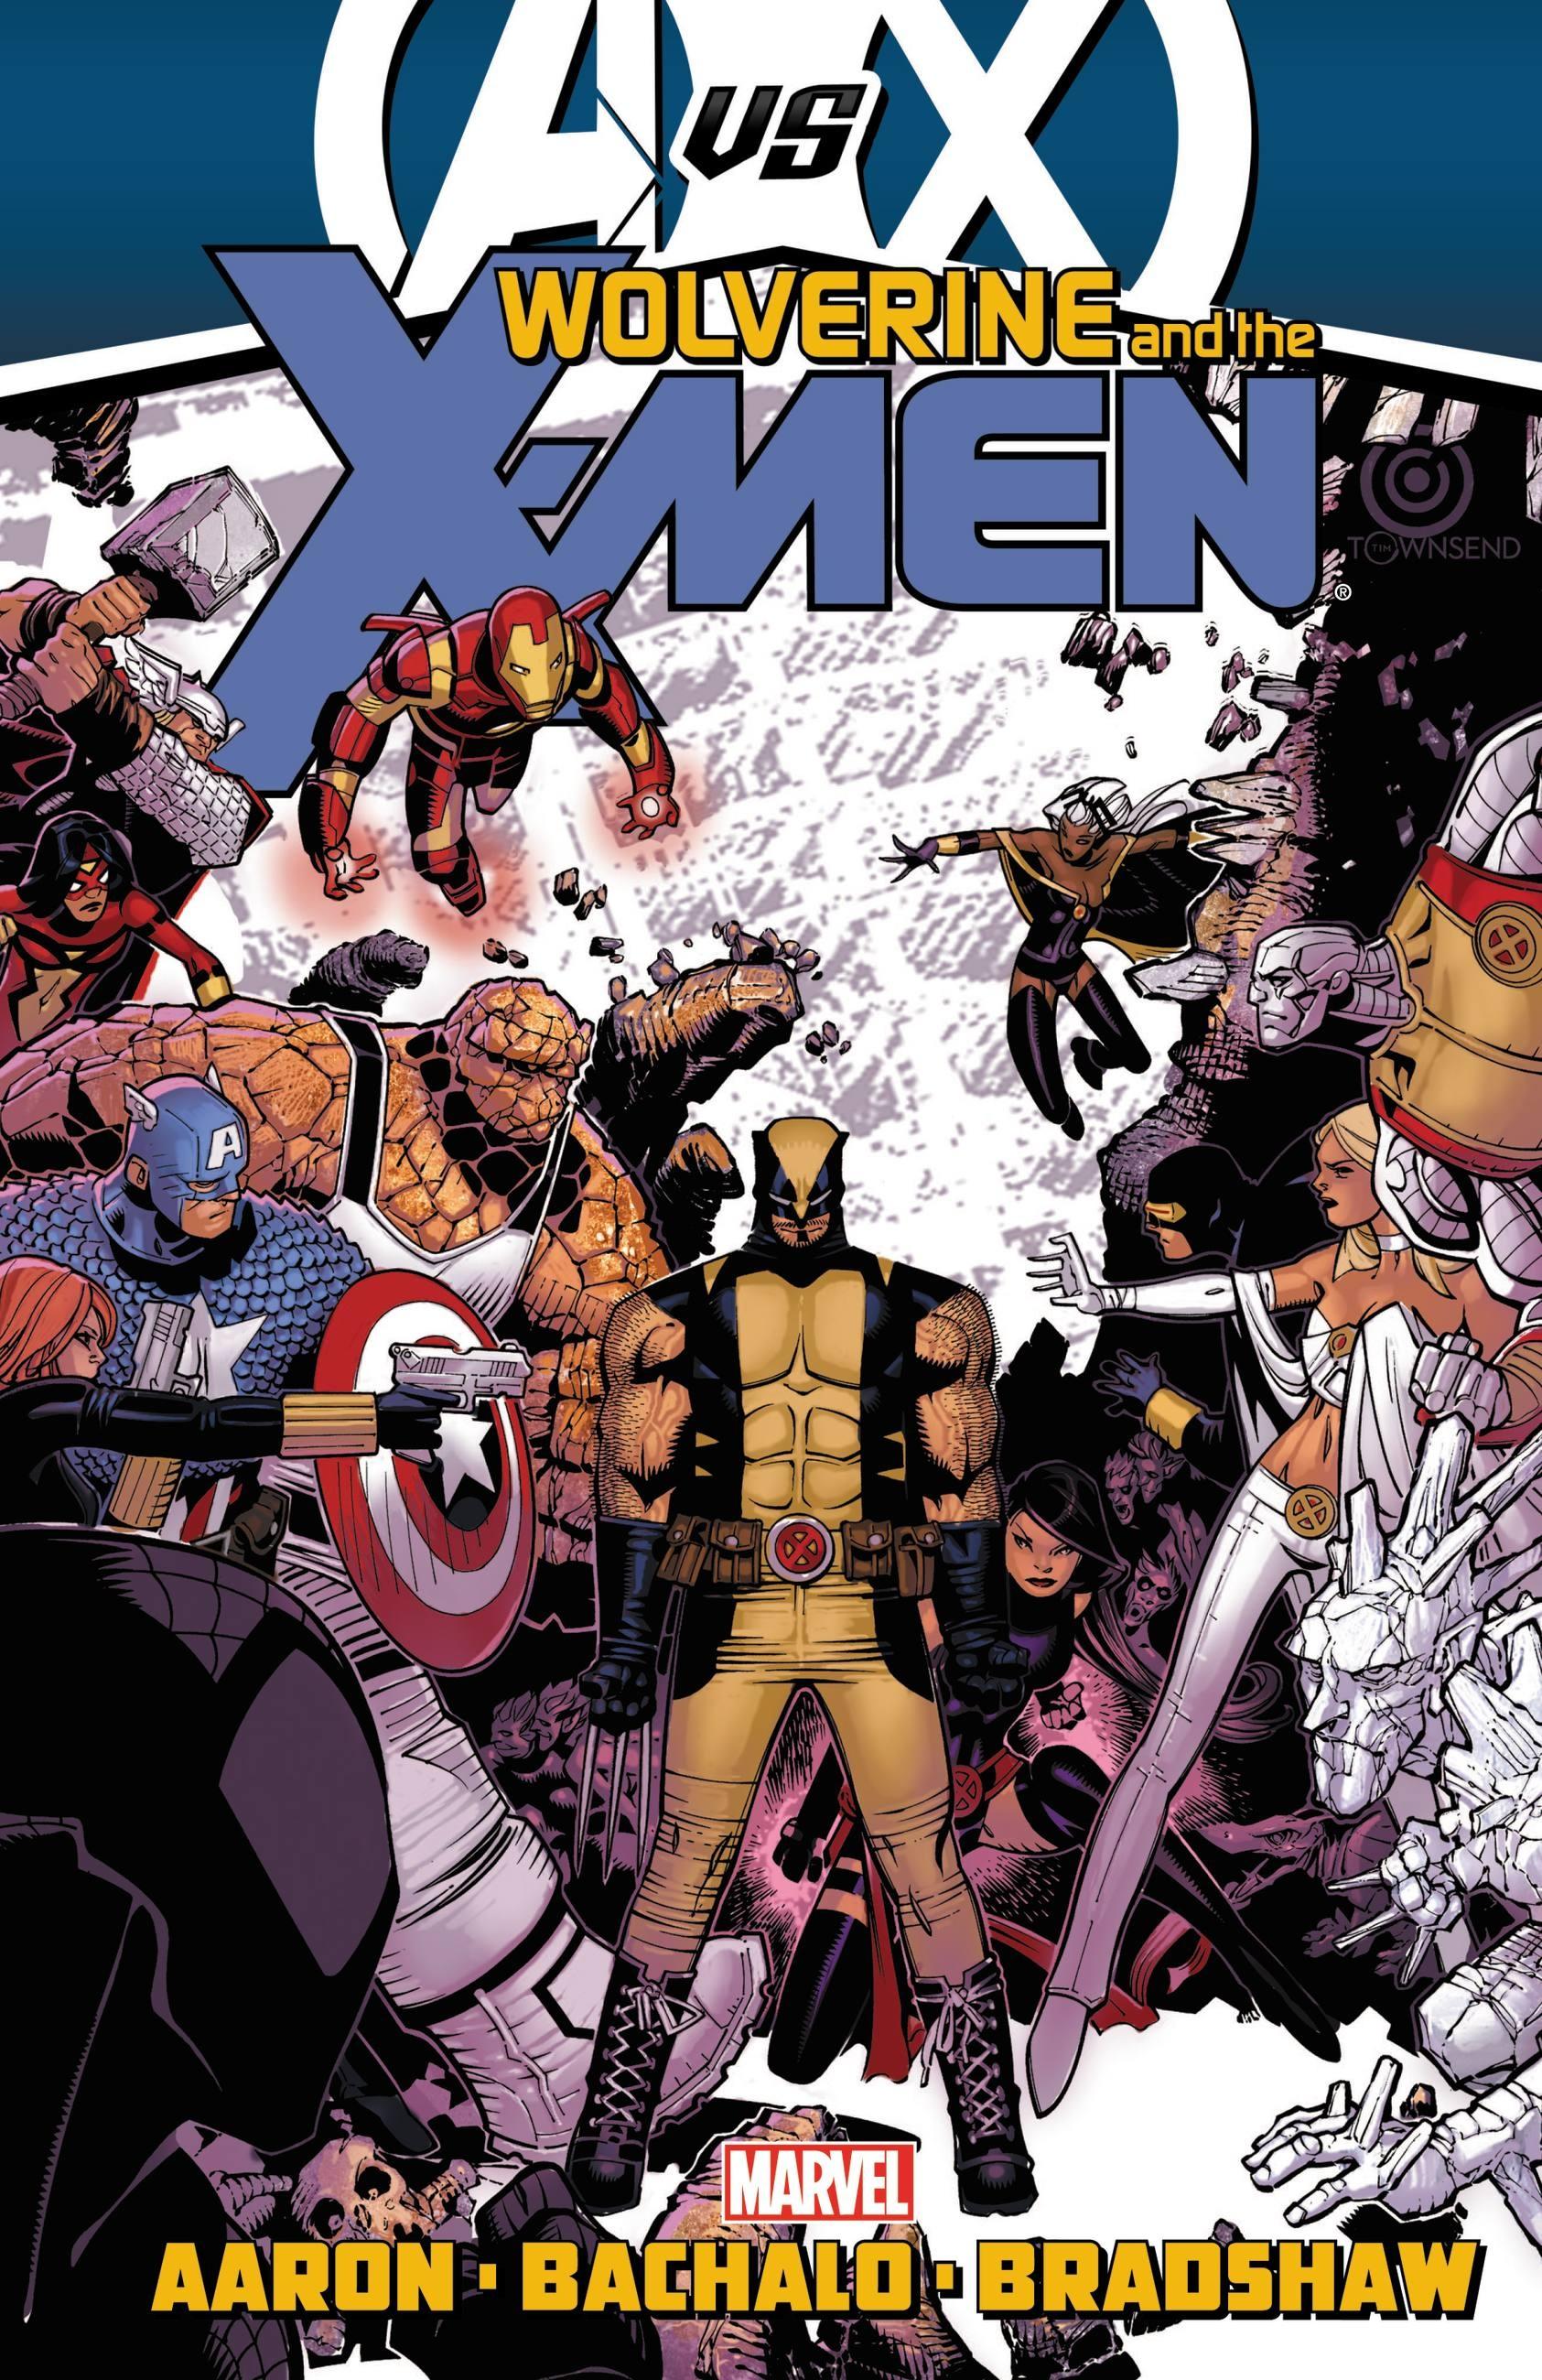 Wolverine & the X-Men by Jason Aaron - Volume 3 wolverine and the x men volume 2 death of wolverine